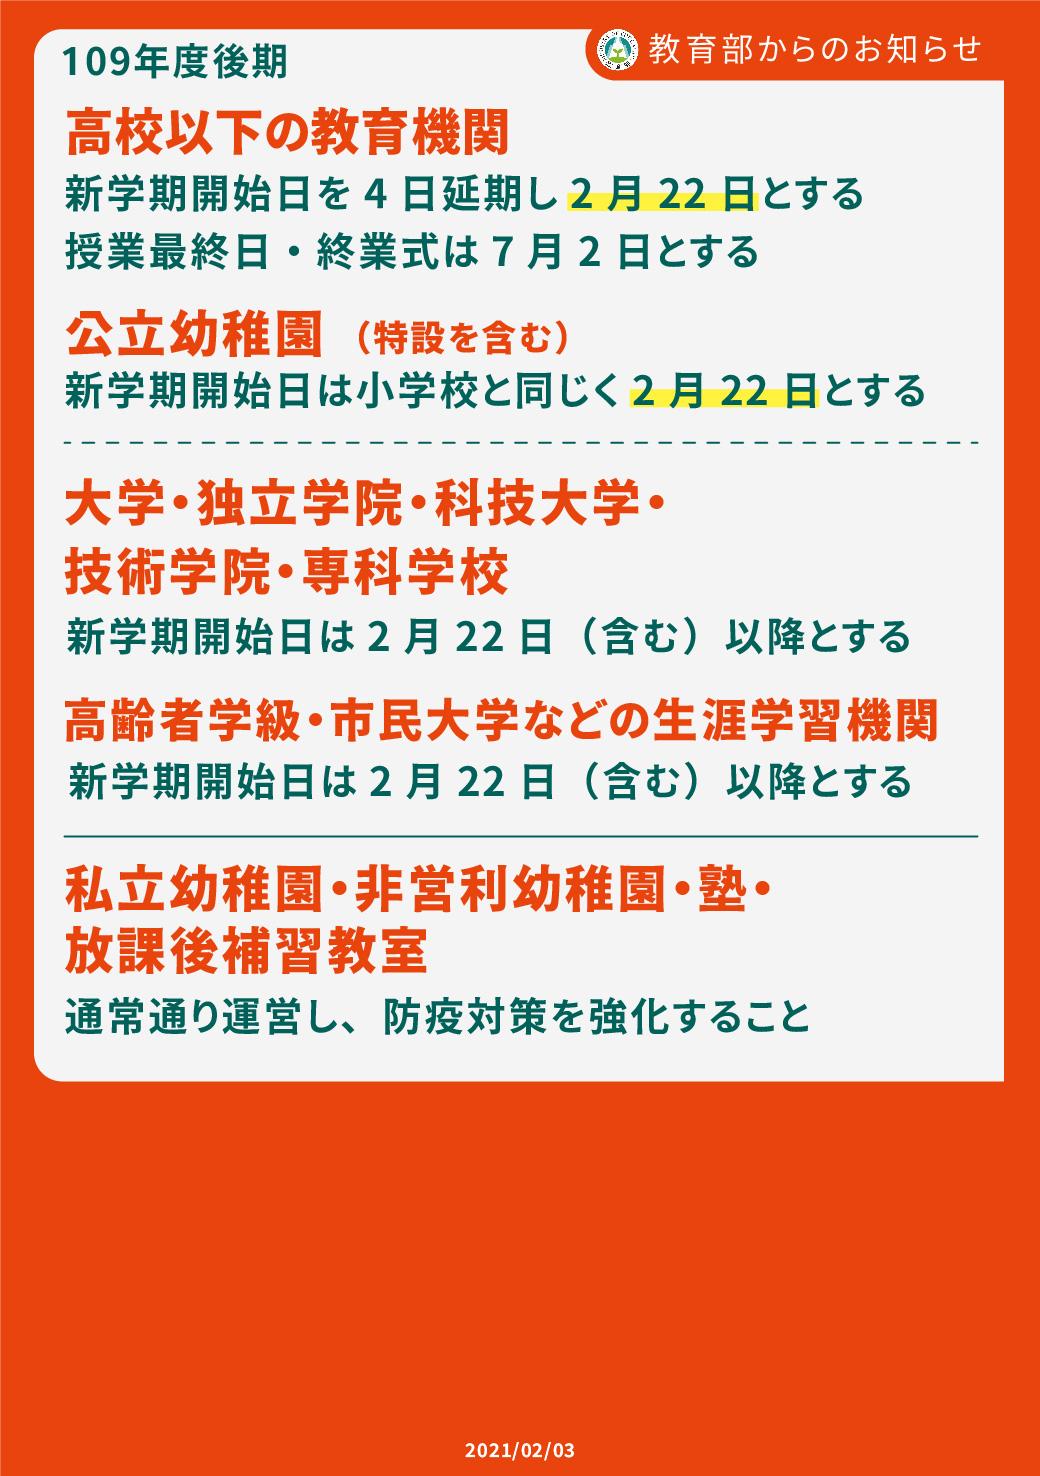 延後開學(日語版)-1